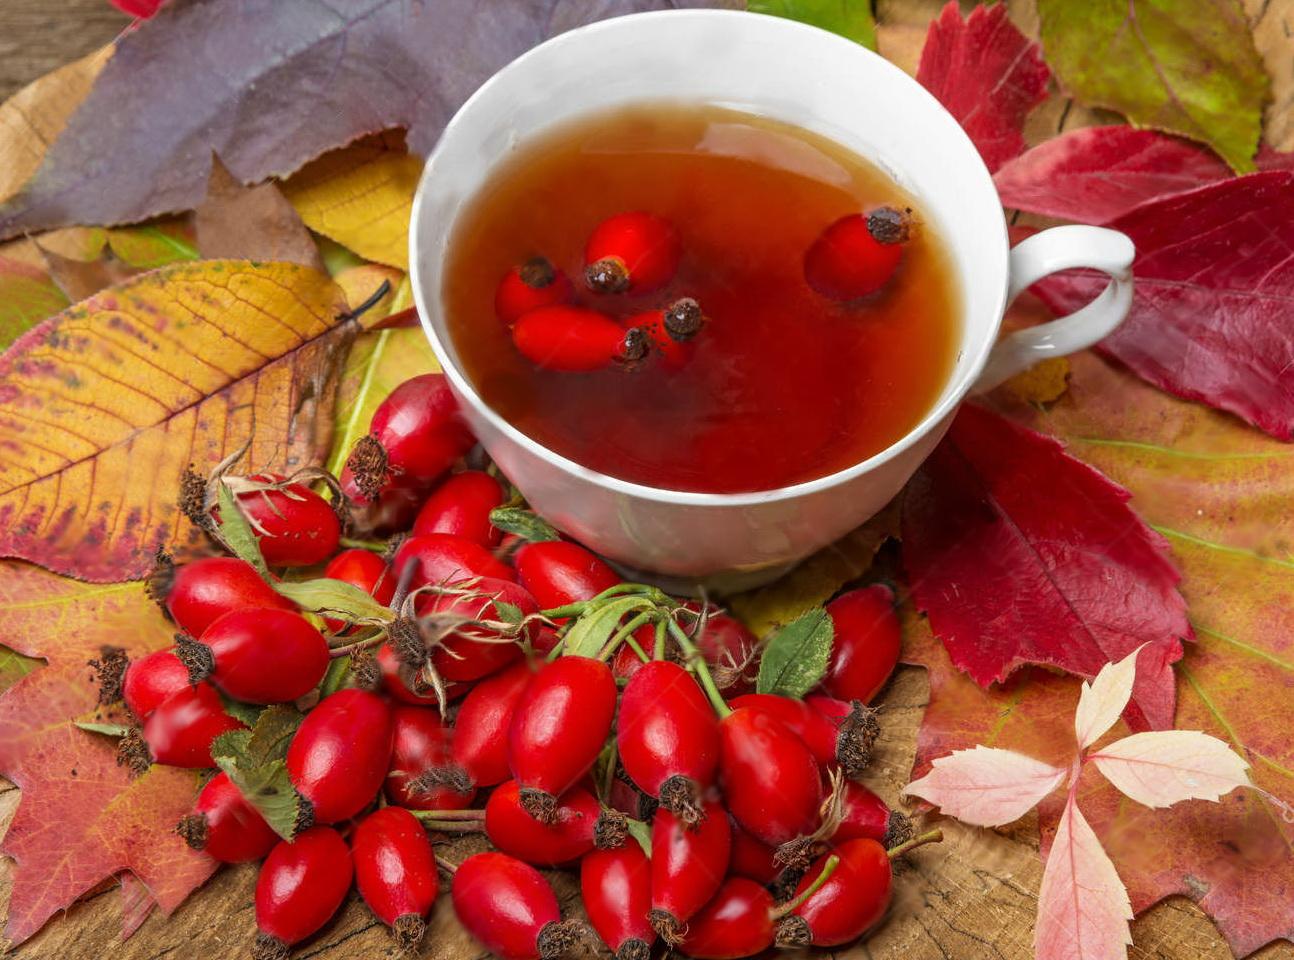 Чай из шиповника: полезные свойства и противопоказания